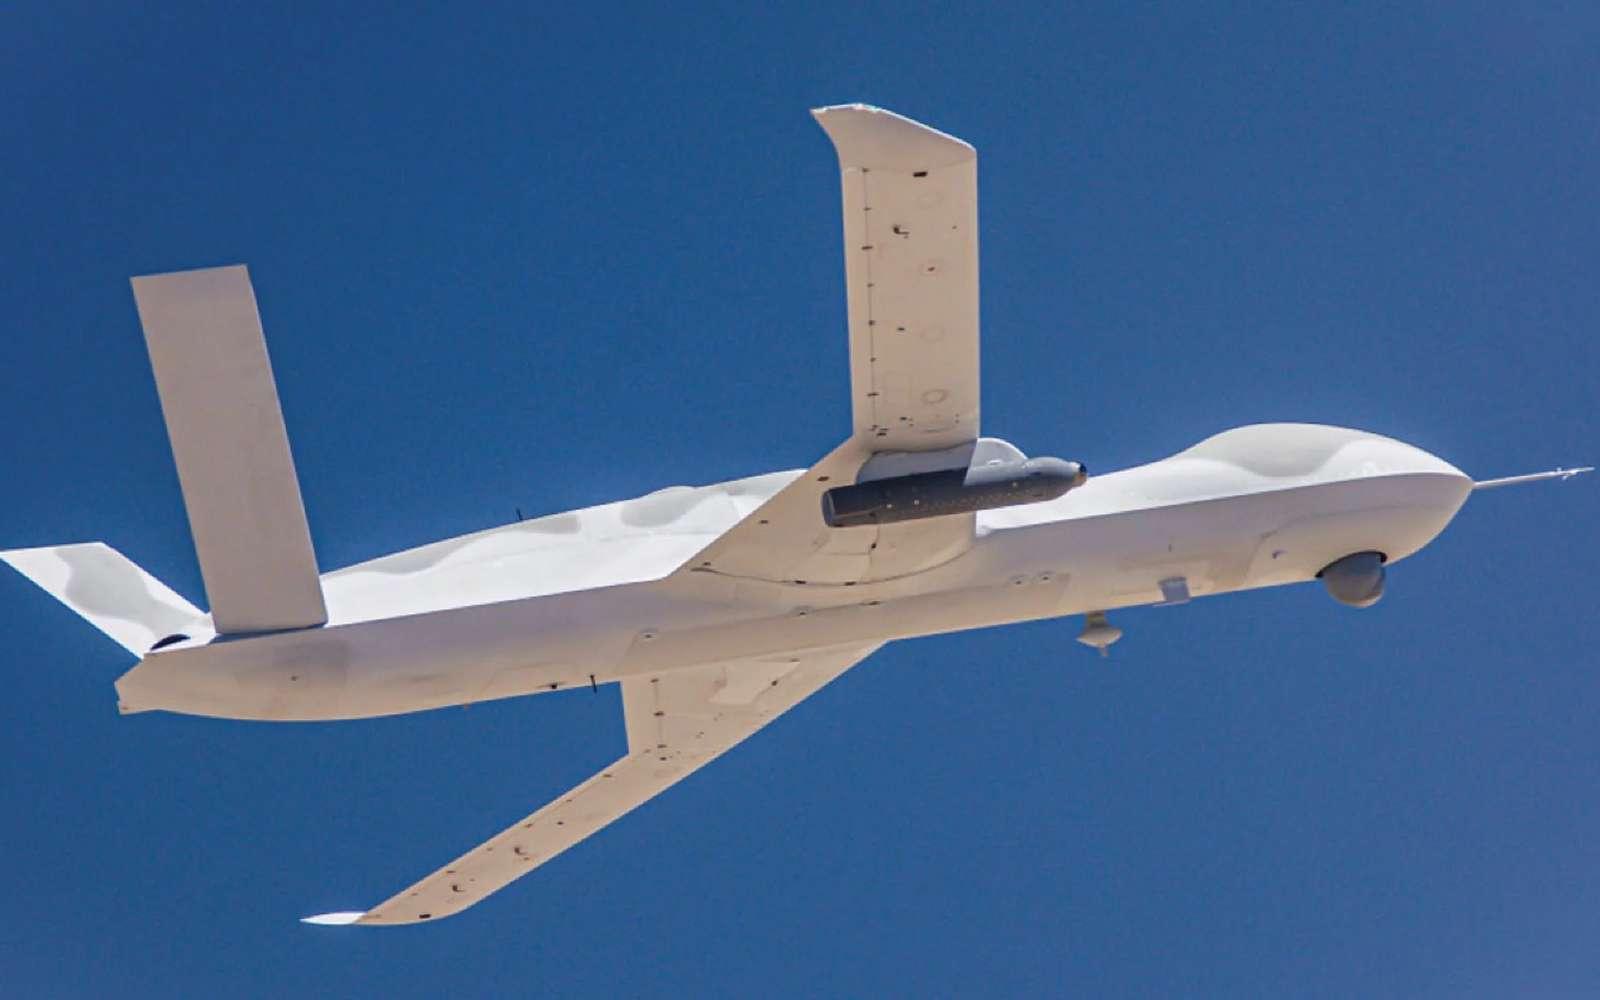 Le drone Avenger porte sous son aile droite le Legion Pod mis au point par Lockheed Martin. Avec lui, il est capable d'engager des cibles de façon totalement autonome. © General Atomics